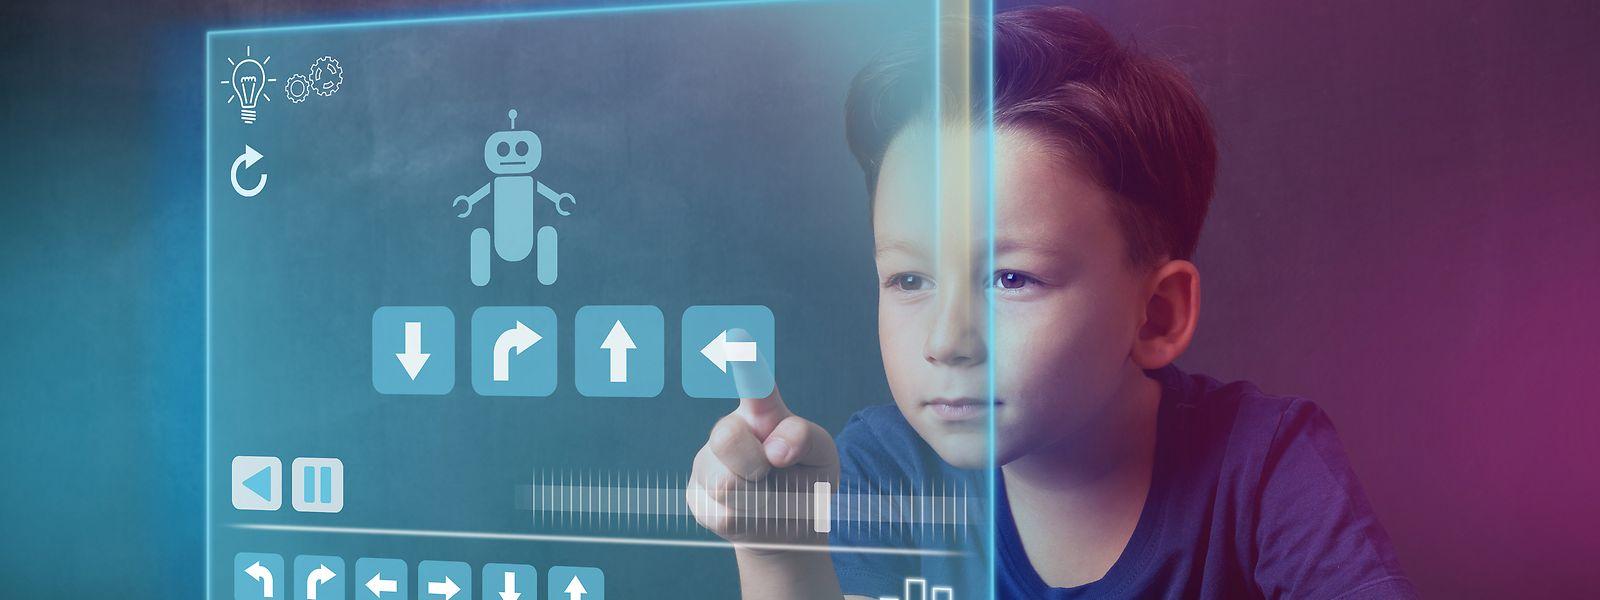 Kinder wachsen wie selbstverständlich mit Computern, Tablets, Smartphones und Applikationen auf.